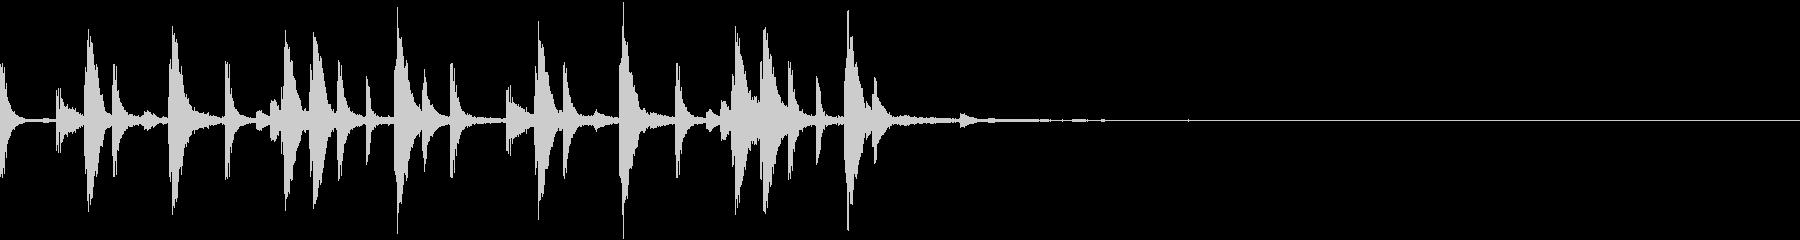 キャッチーなトラップジングル4の未再生の波形